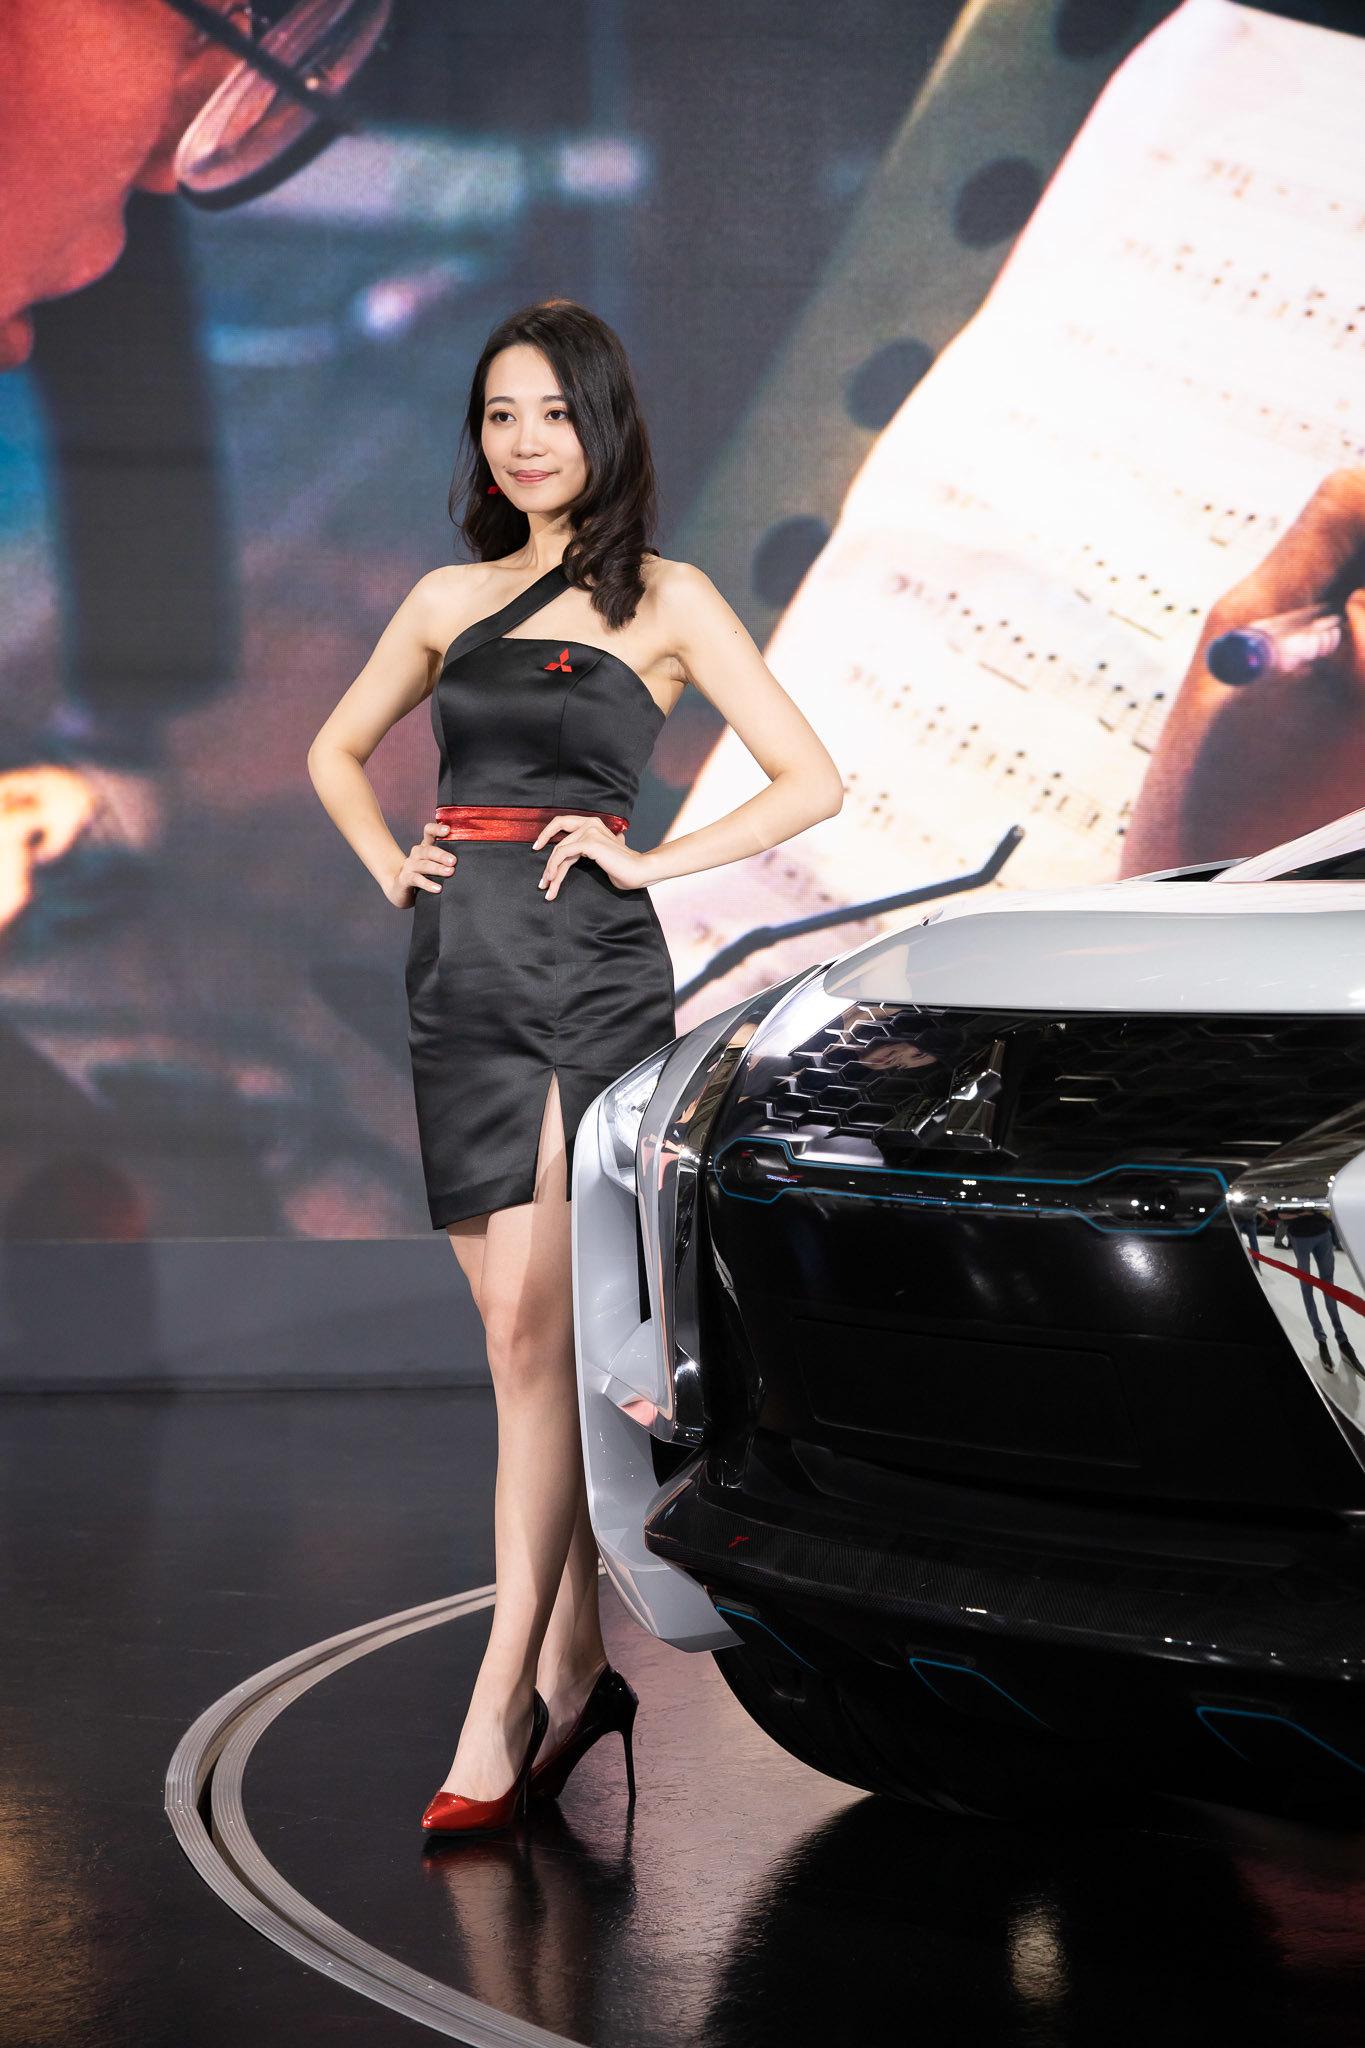 汽車 Cars - 台北 2020 Taipei 2020 #0067